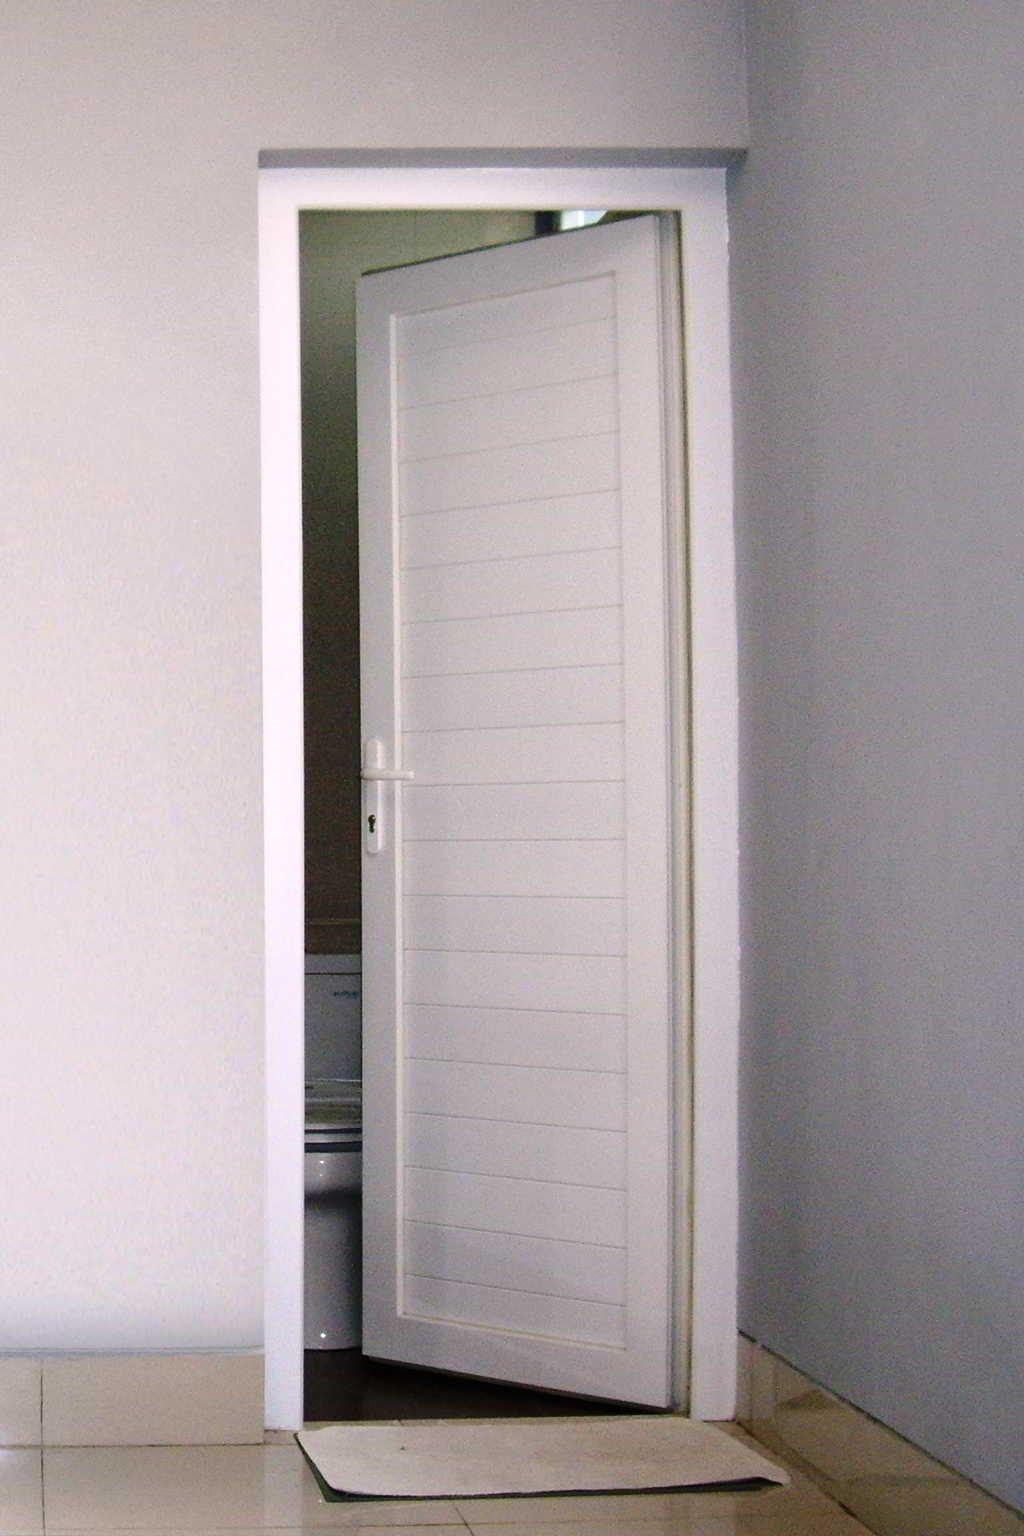 Desain Pintu Kamar Mandi Minimalis Desain Toilet Dekorasi Kamar Mandi Kecil Ide Kamar Mandi Pintu untuk kamar mandi